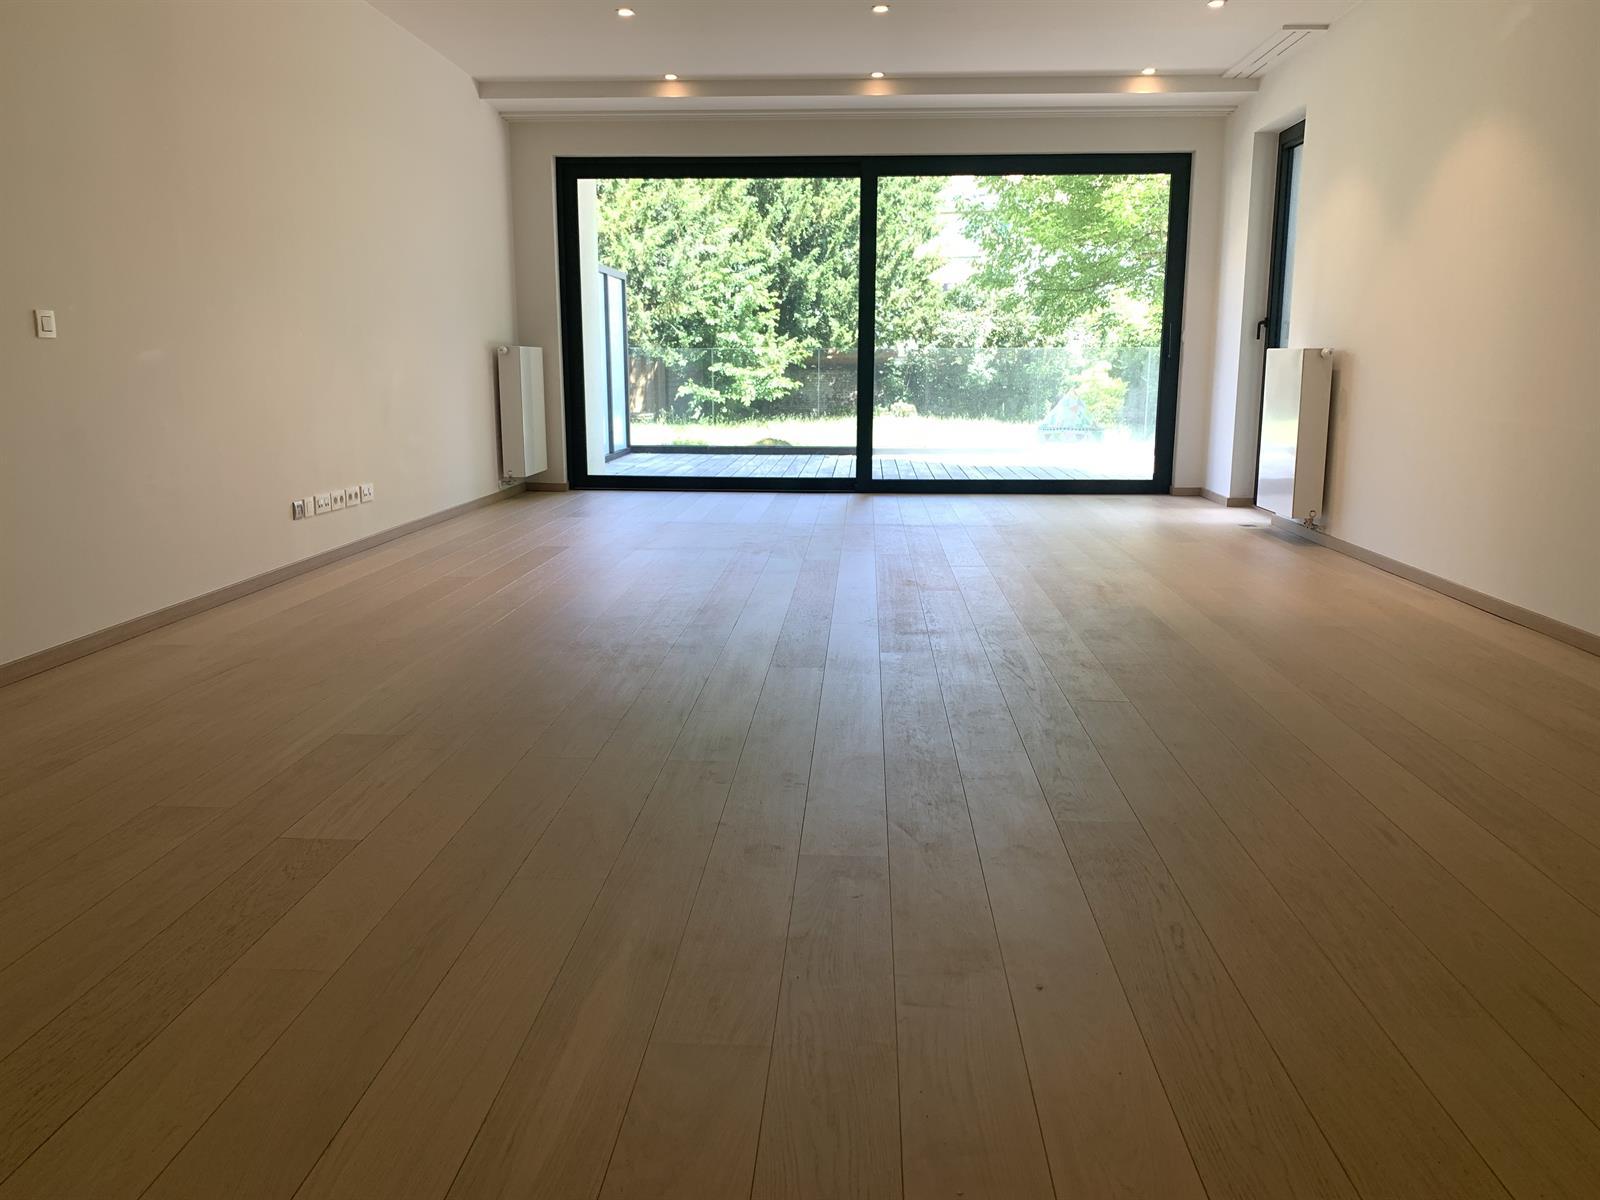 Appartement exceptionnel - Ixelles - #4392467-4